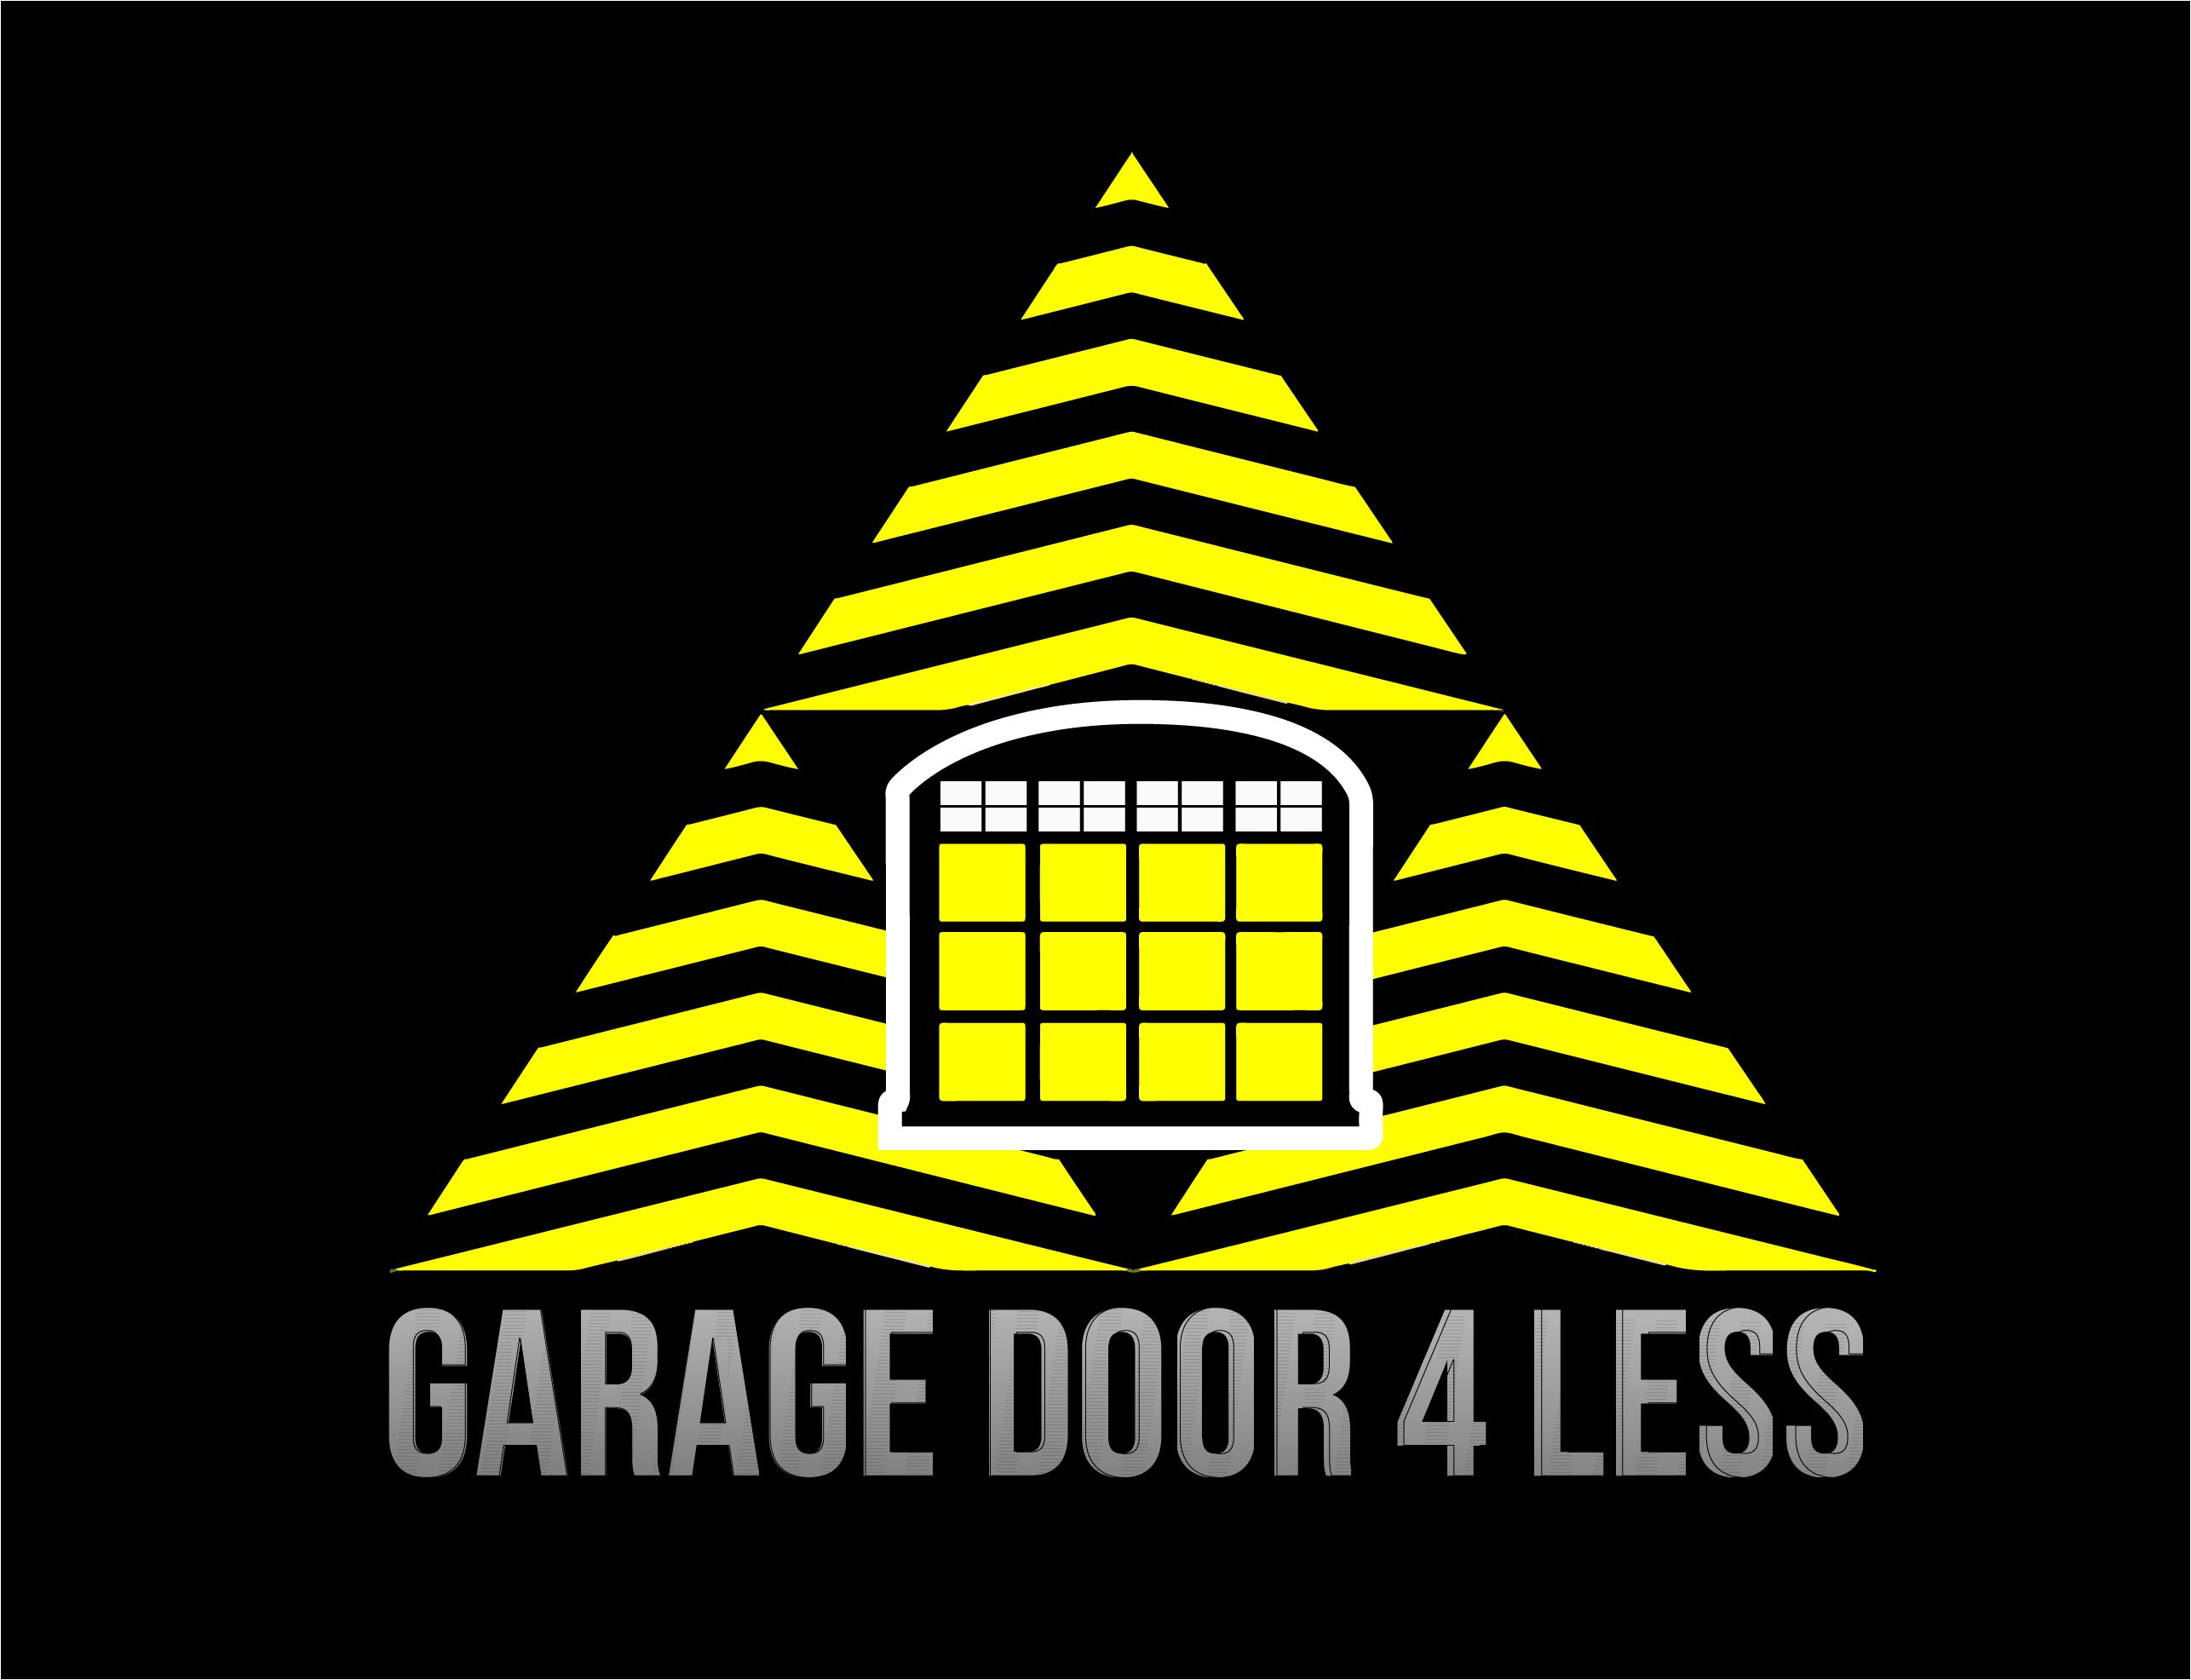 Garage Door Repair Installationminnesotagarage Door 4 Less